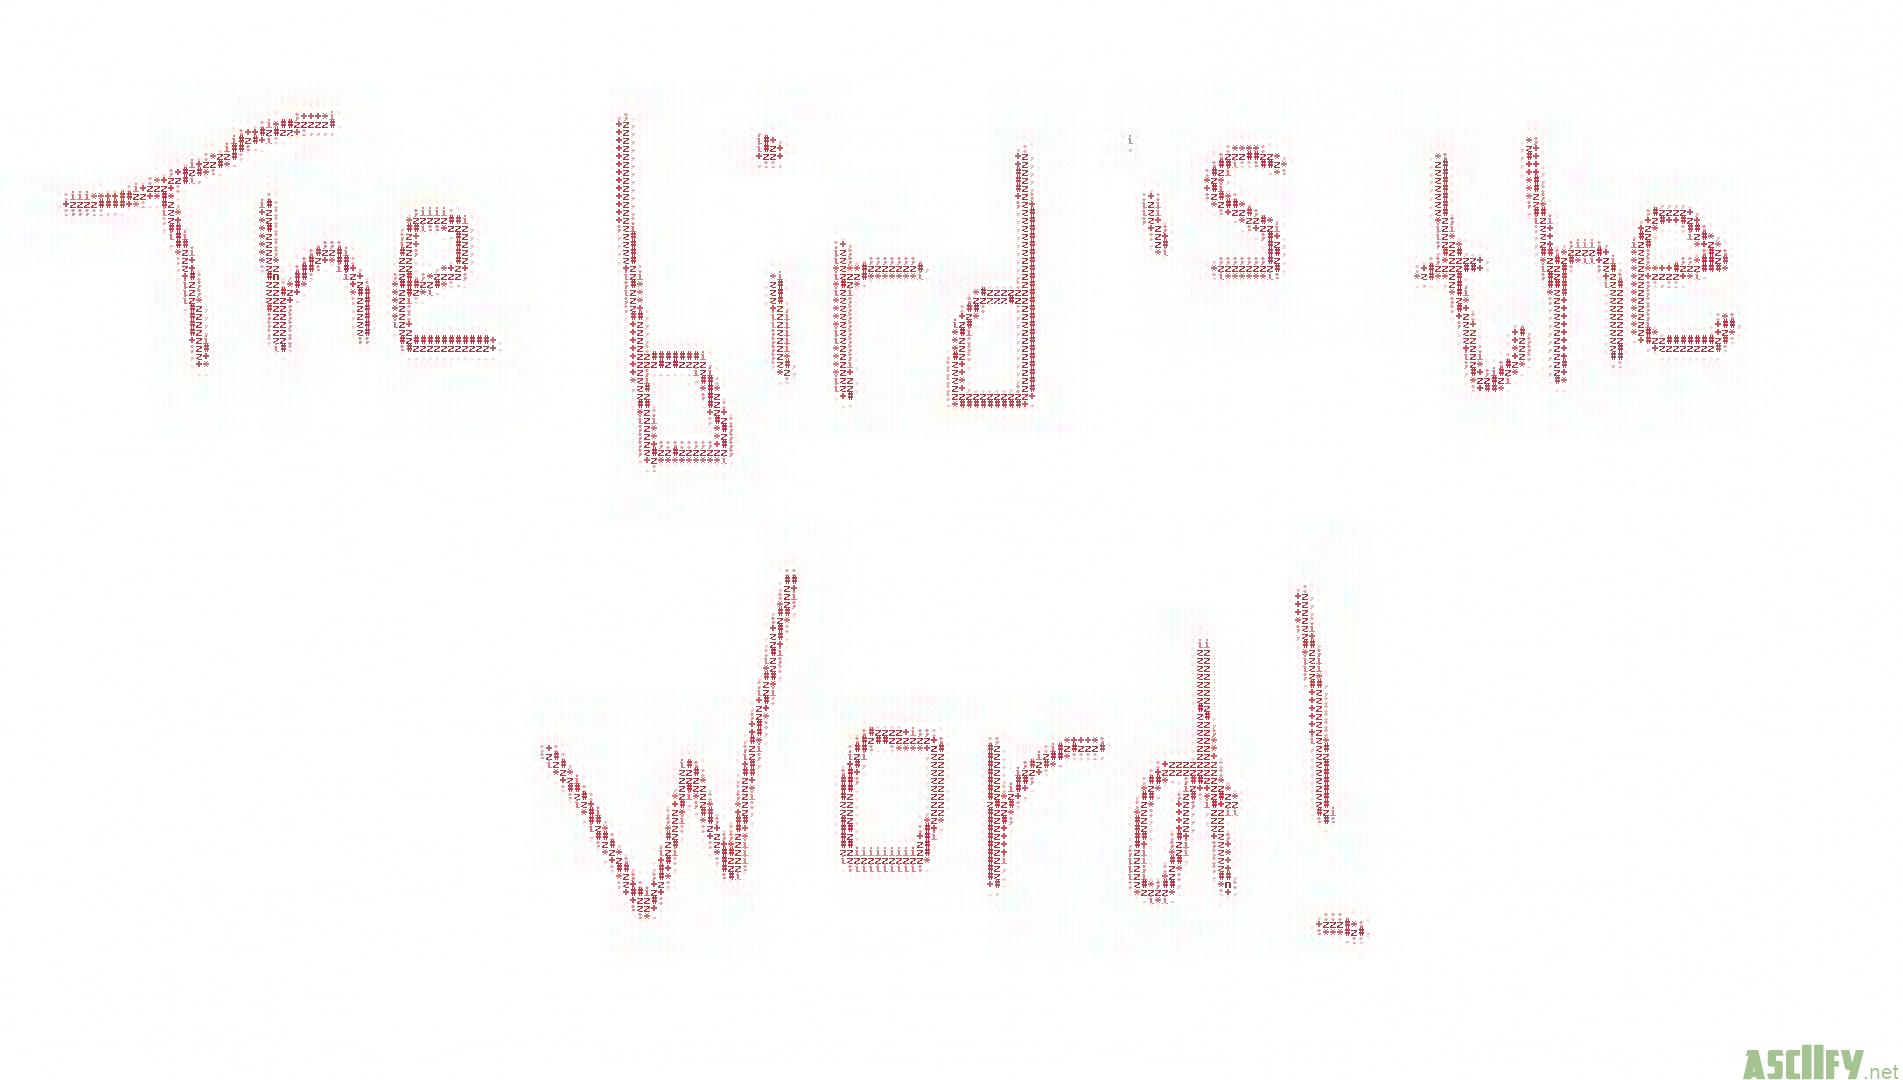 Asciifynet Bird